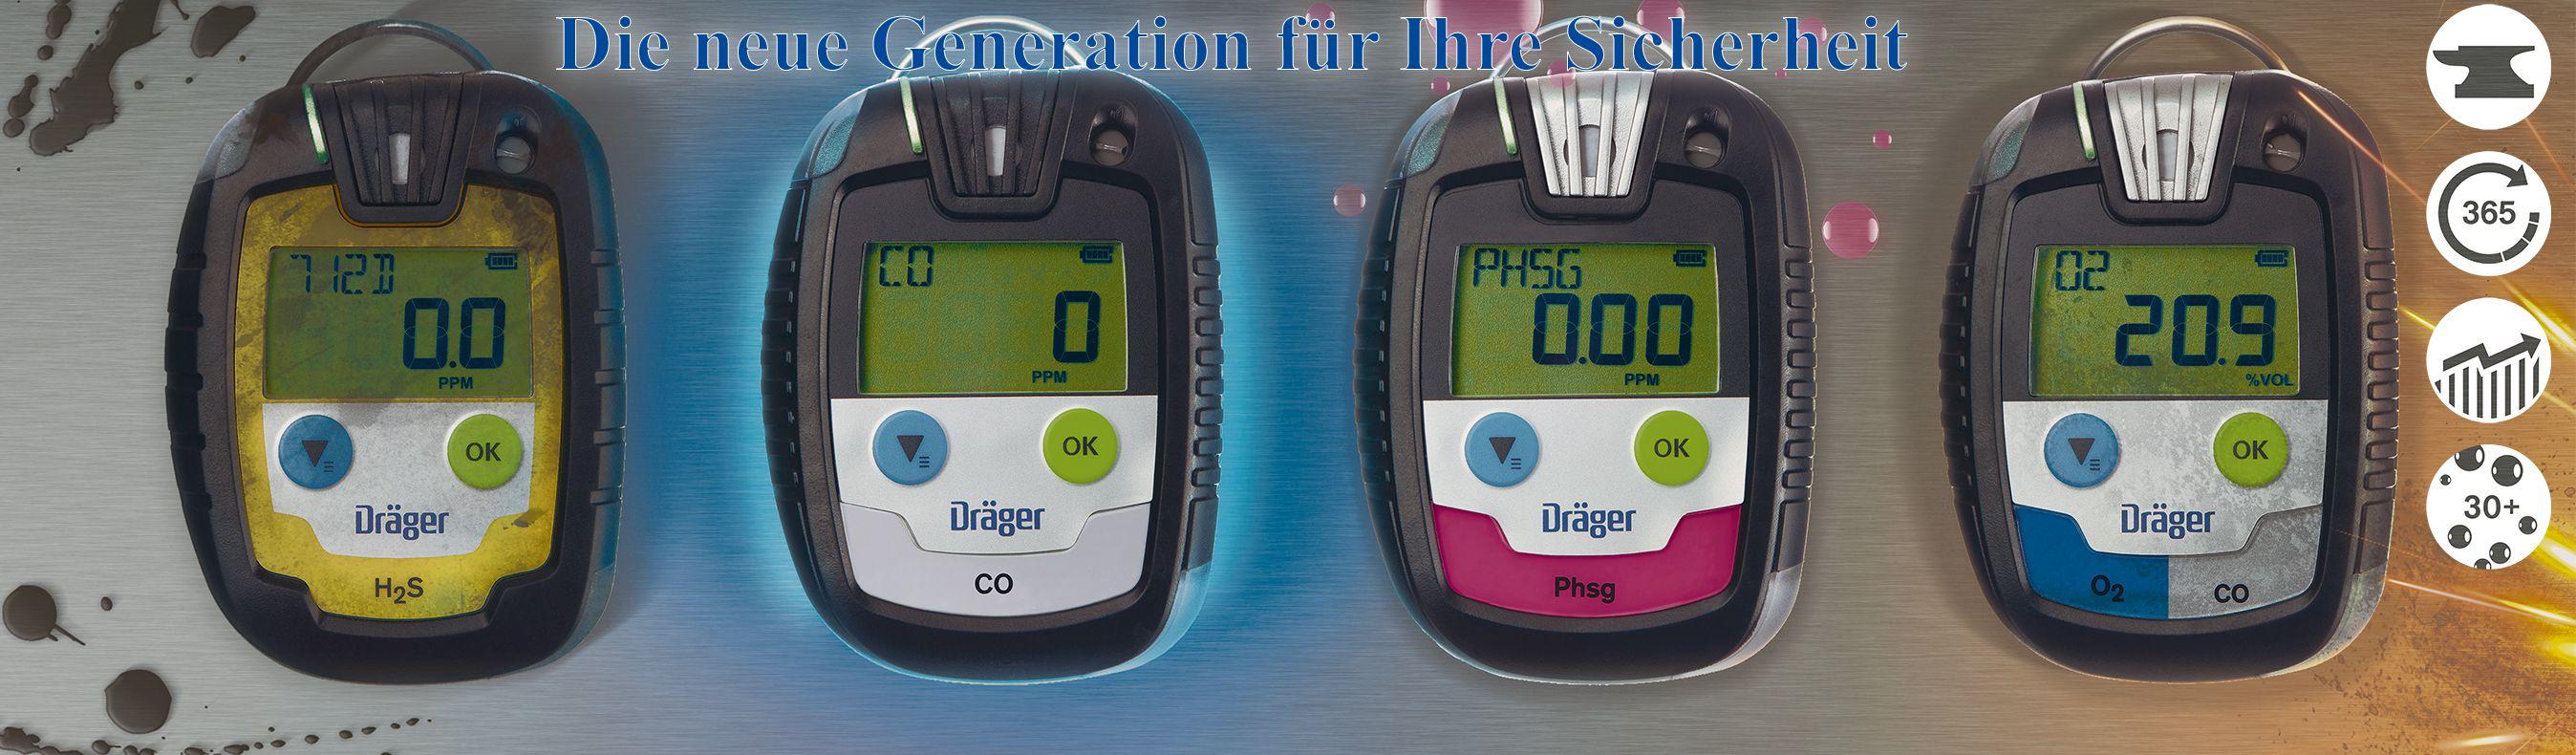 Startseite - Gasmesstechnik de - Ein- und Mehrgasmessgeräte